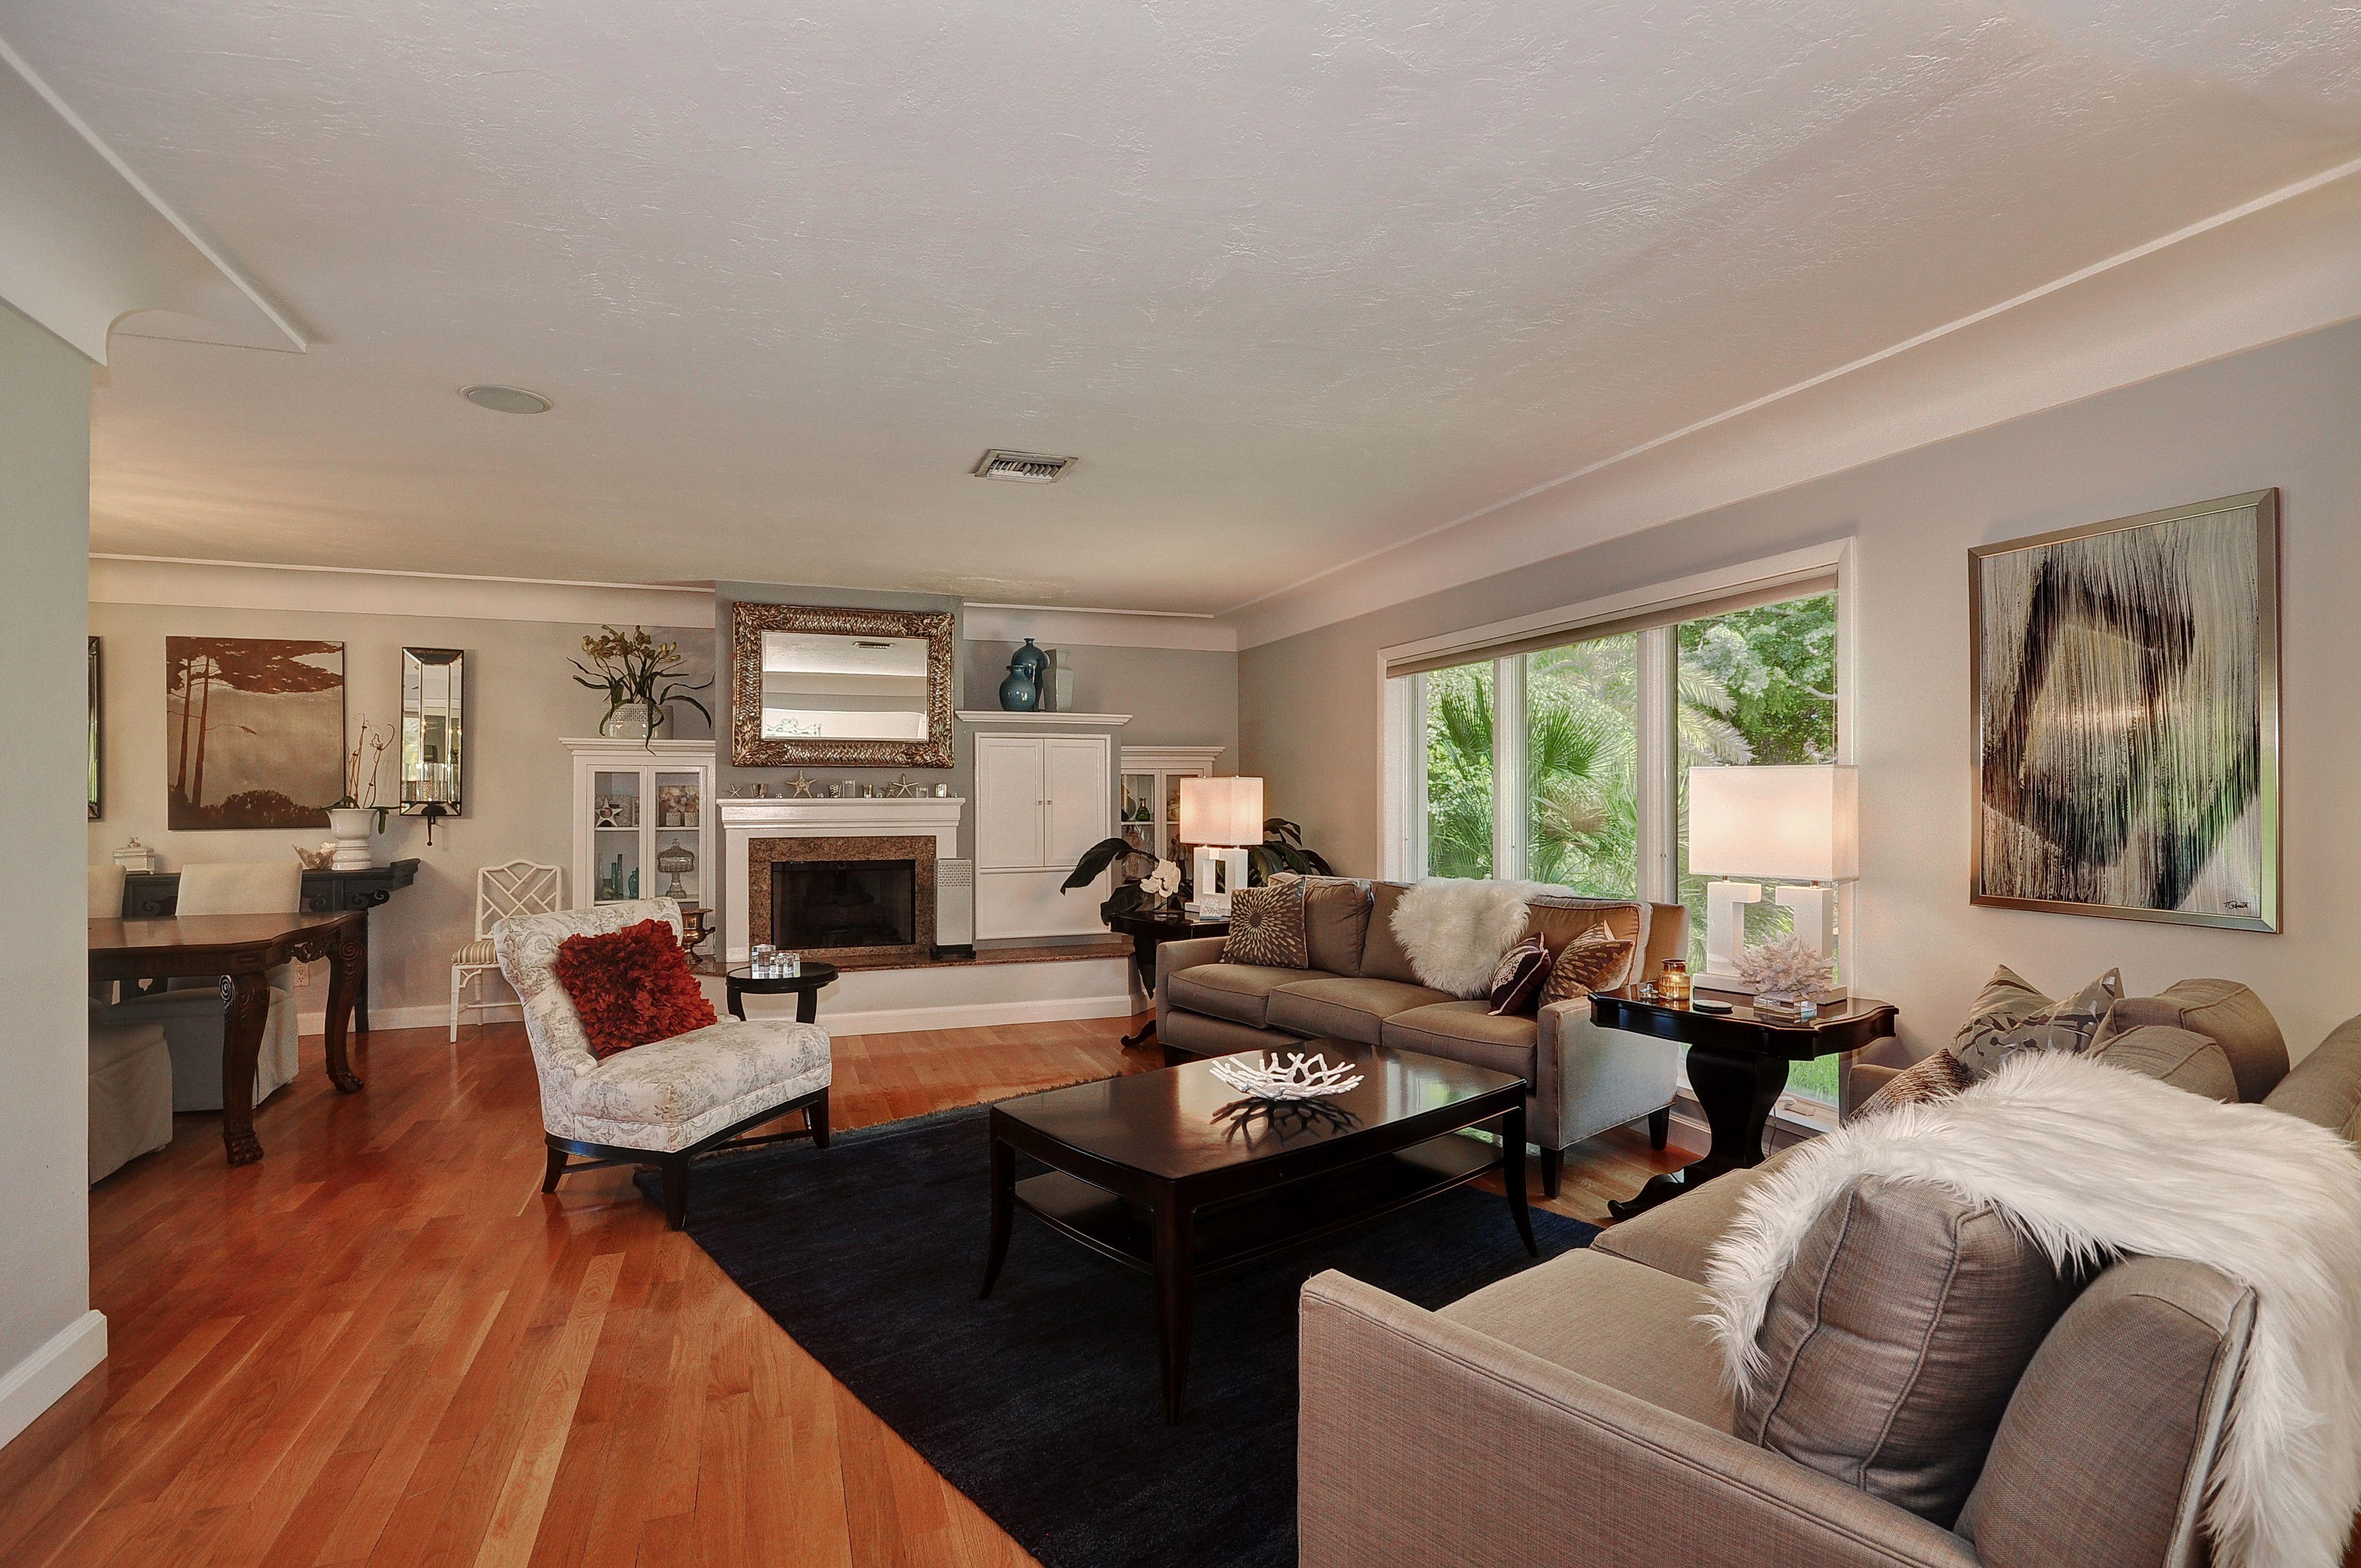 Living Room Of 2400 Ne 22 Ave Fort Lauderdale Fl Home Home Decor Room